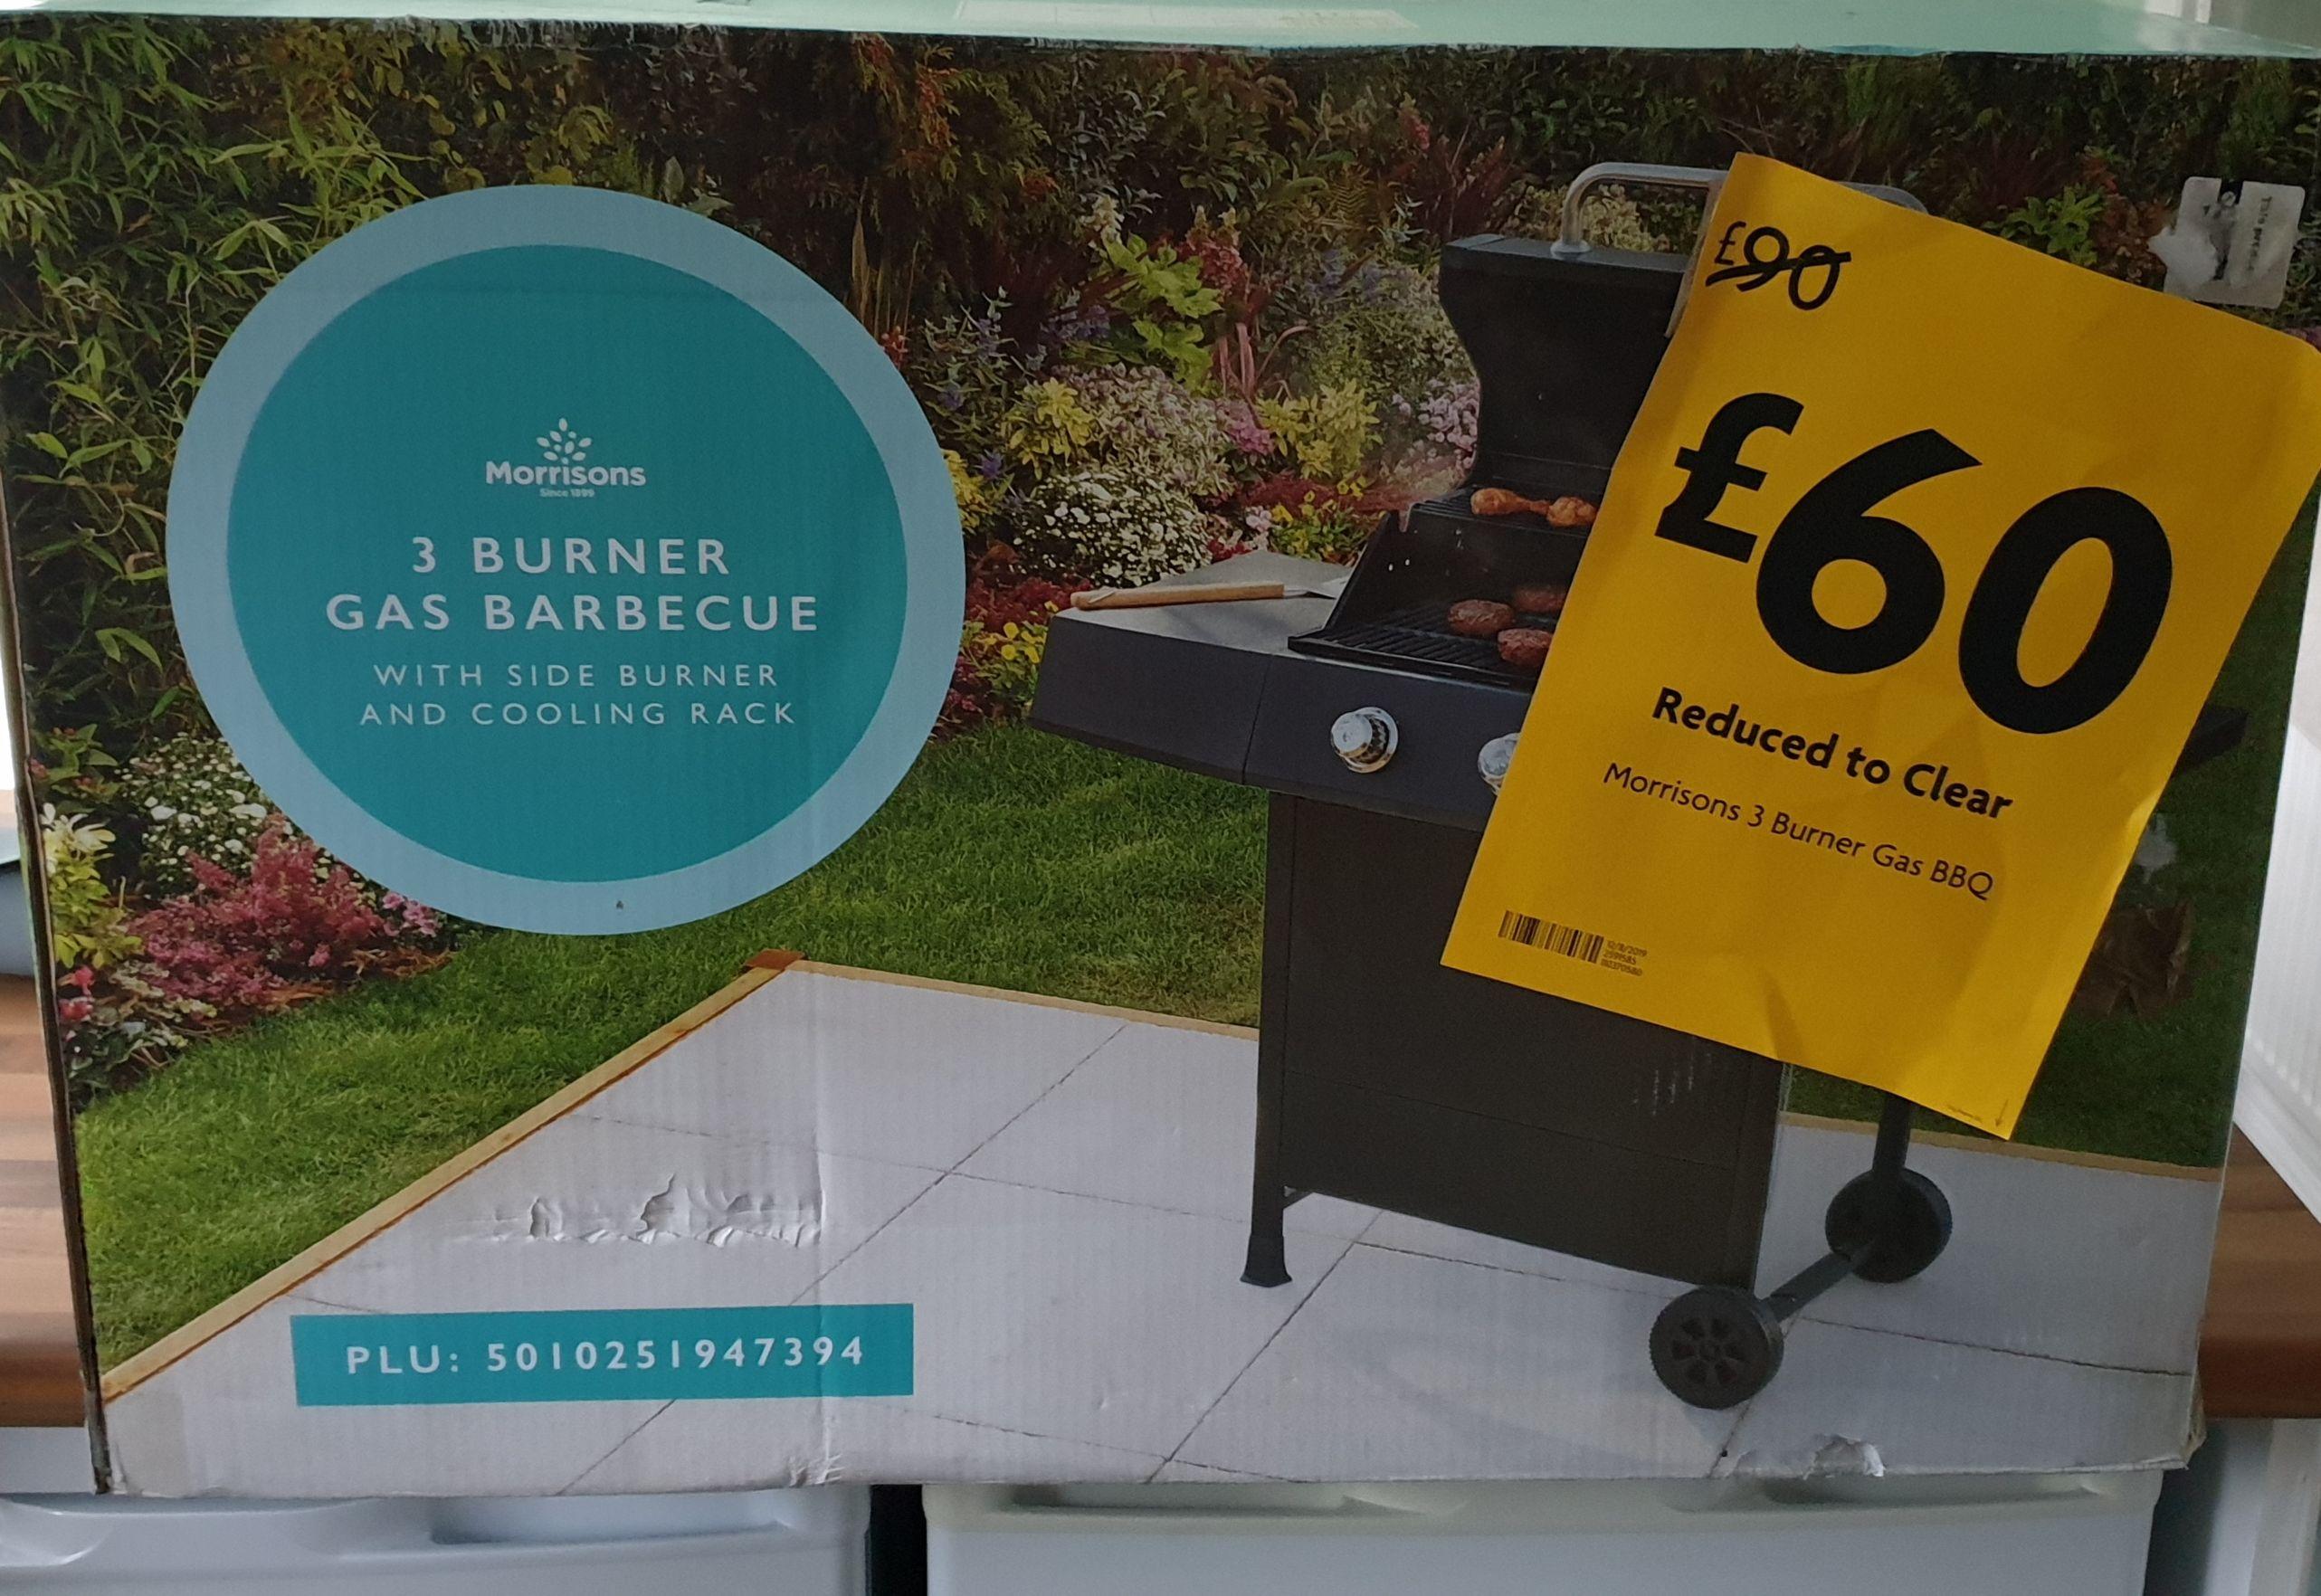 Morrisons 3 Burner Gas BBQ with Side Burner - £60 Instore @ Morrisons